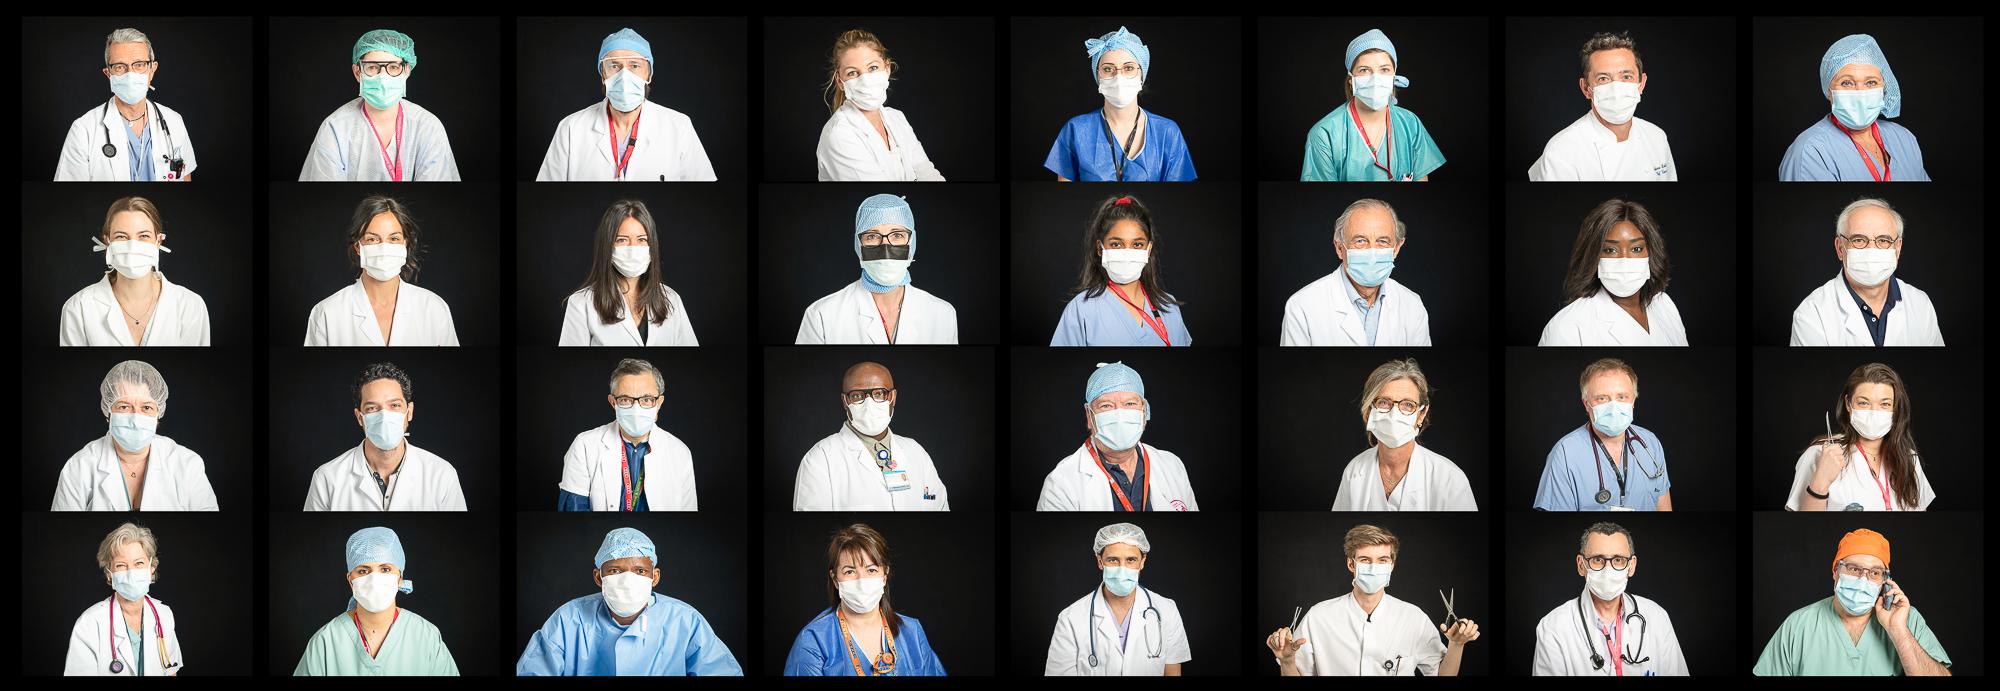 Portraits de soignants - Covid 19